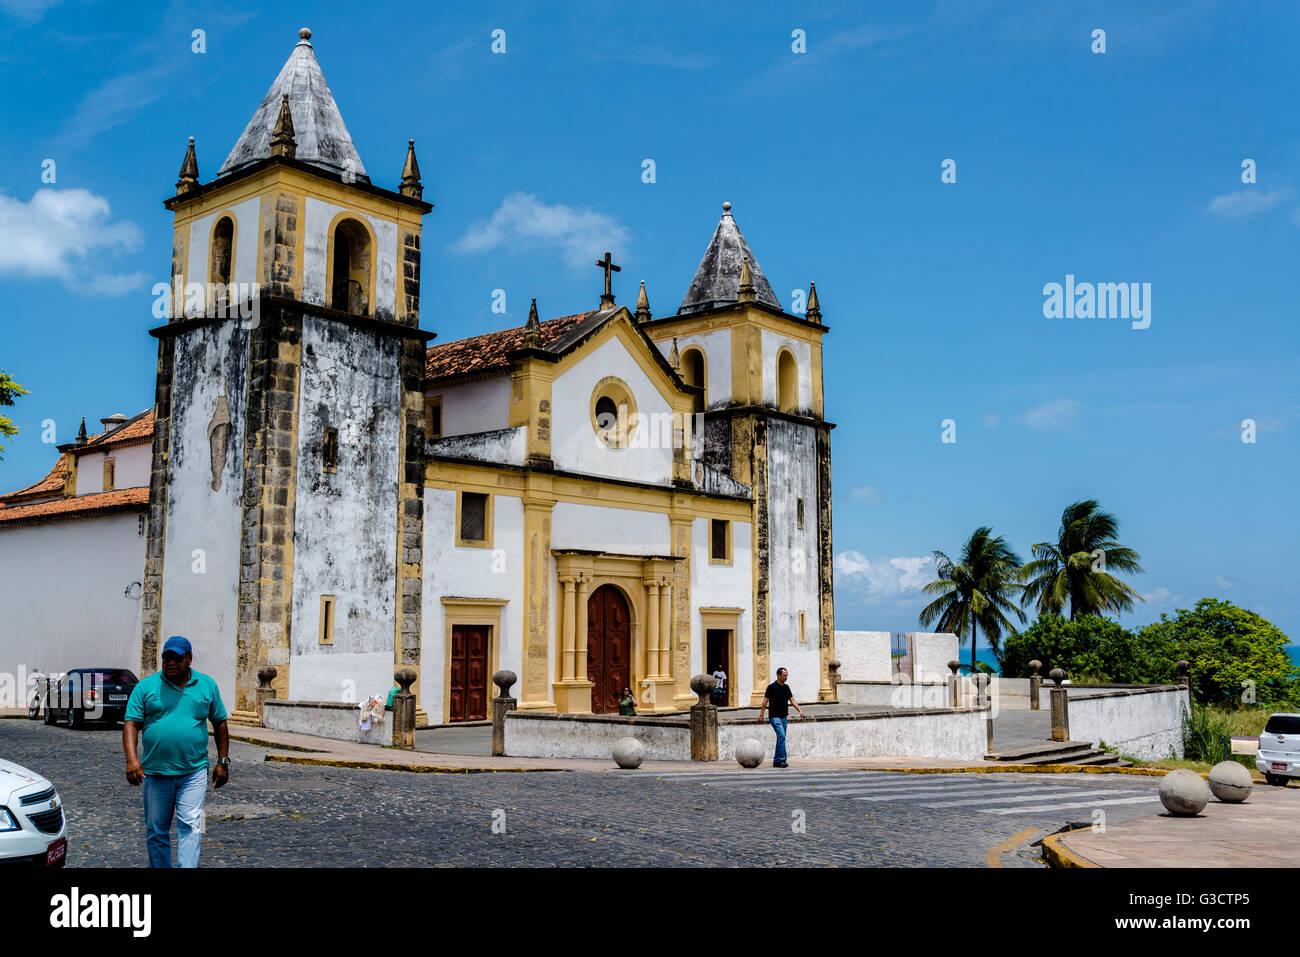 Catedral Alto da Sé, Olinda, Pernambuco, Brazil Stock Photo